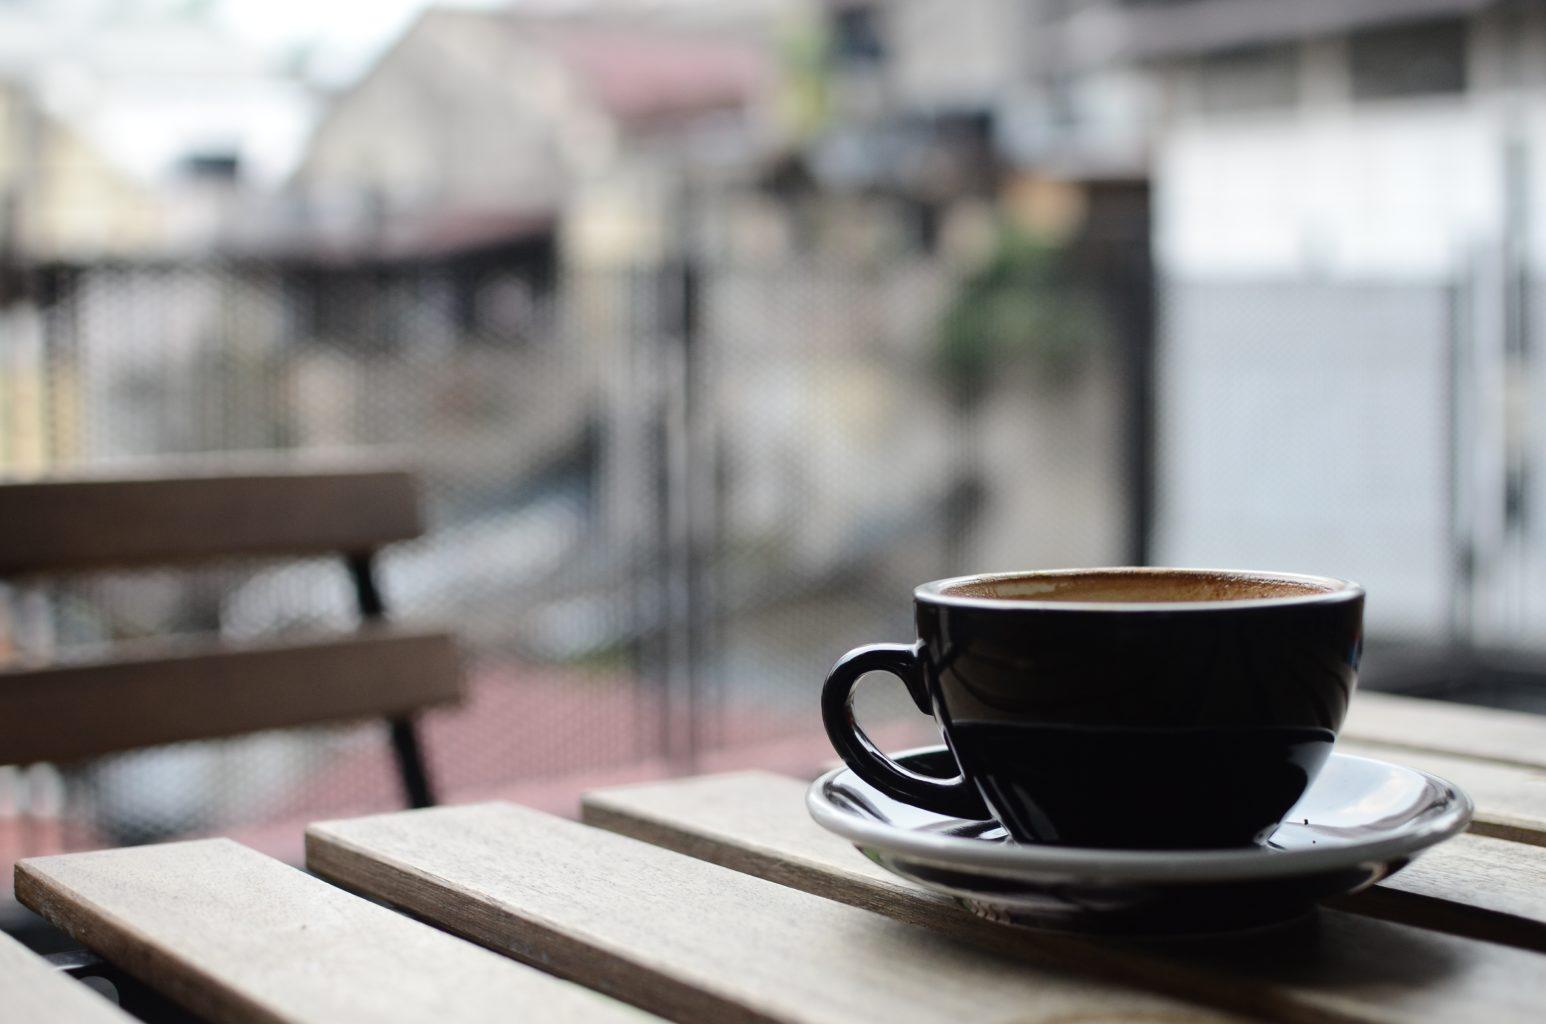 be26eace Vi har satt sammen en liste med forslag til koselige søndagsaktiviteter  hvor det er plass til både kaffe, venner, familie og gode samtaler.